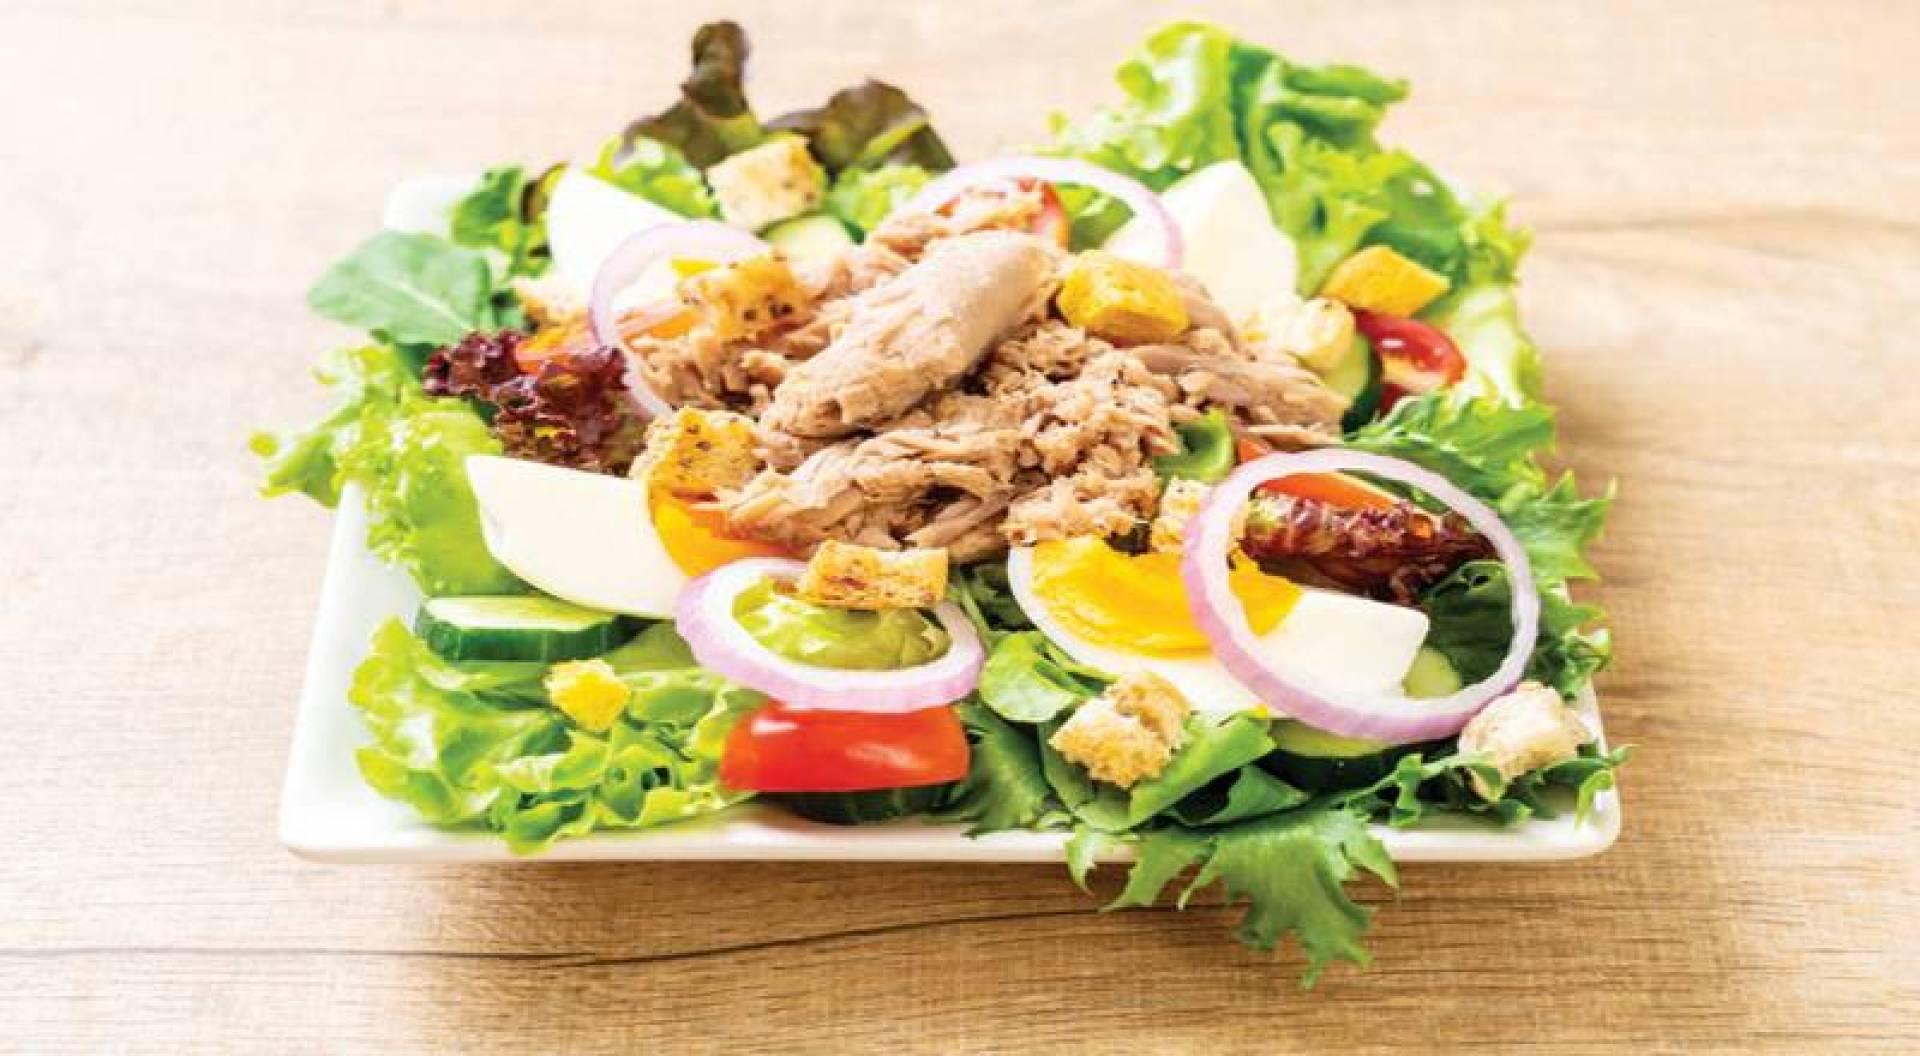 وصفات سريعة للإفطار والغداء والعشاء